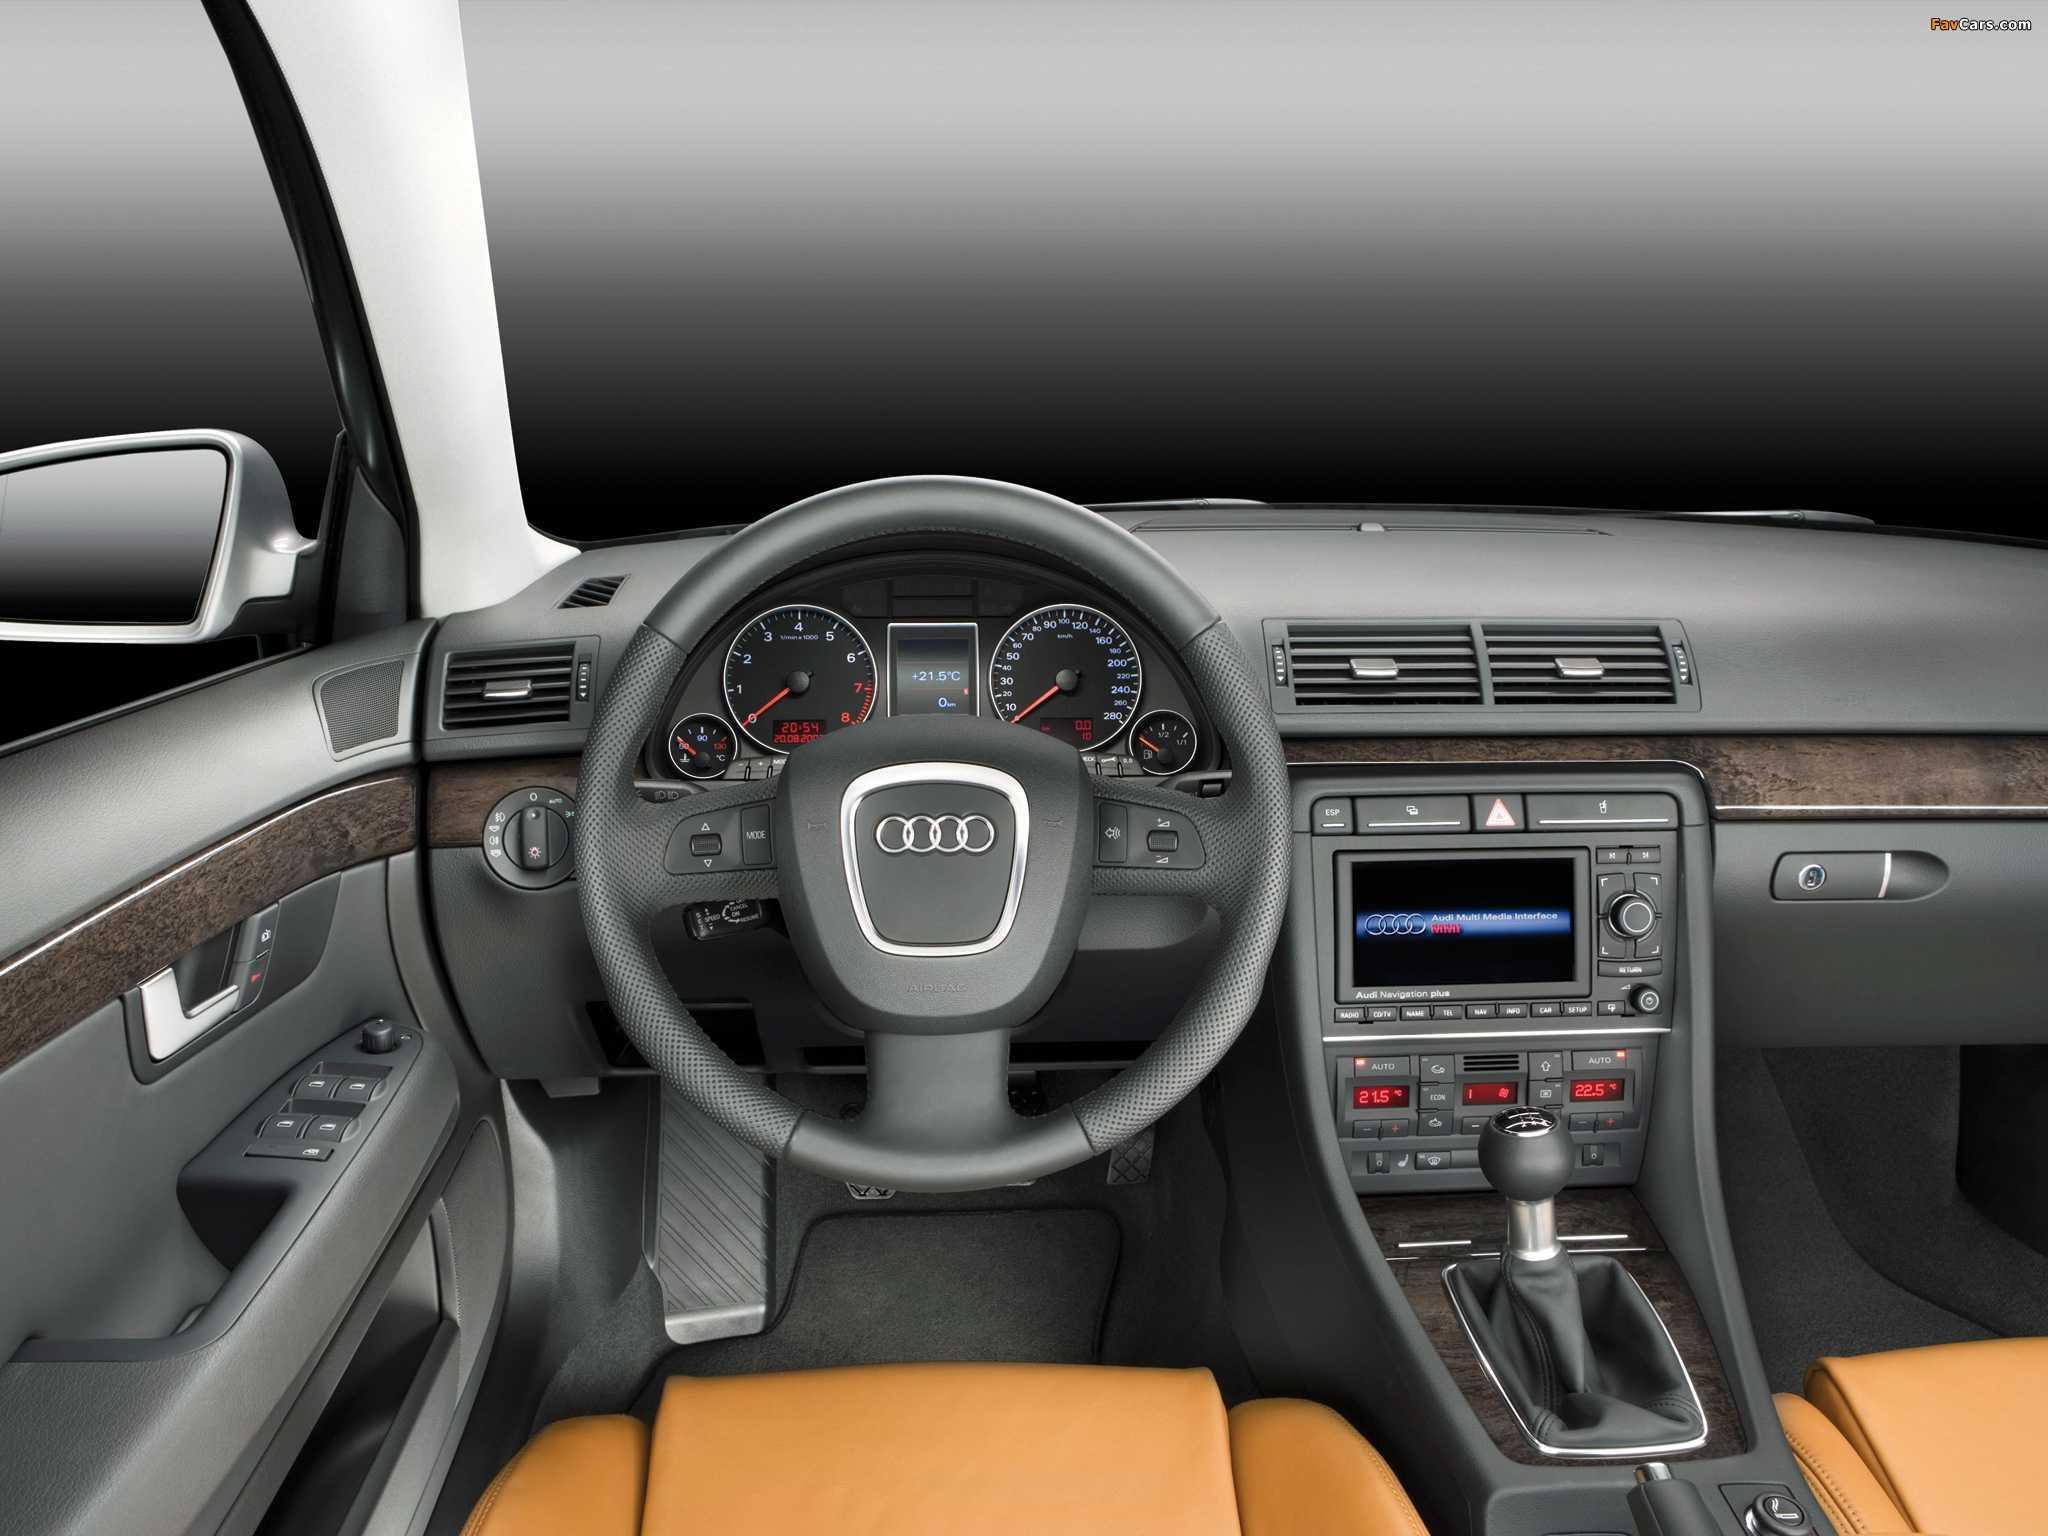 Замена динамика в приборной панели на Audi A4 B7